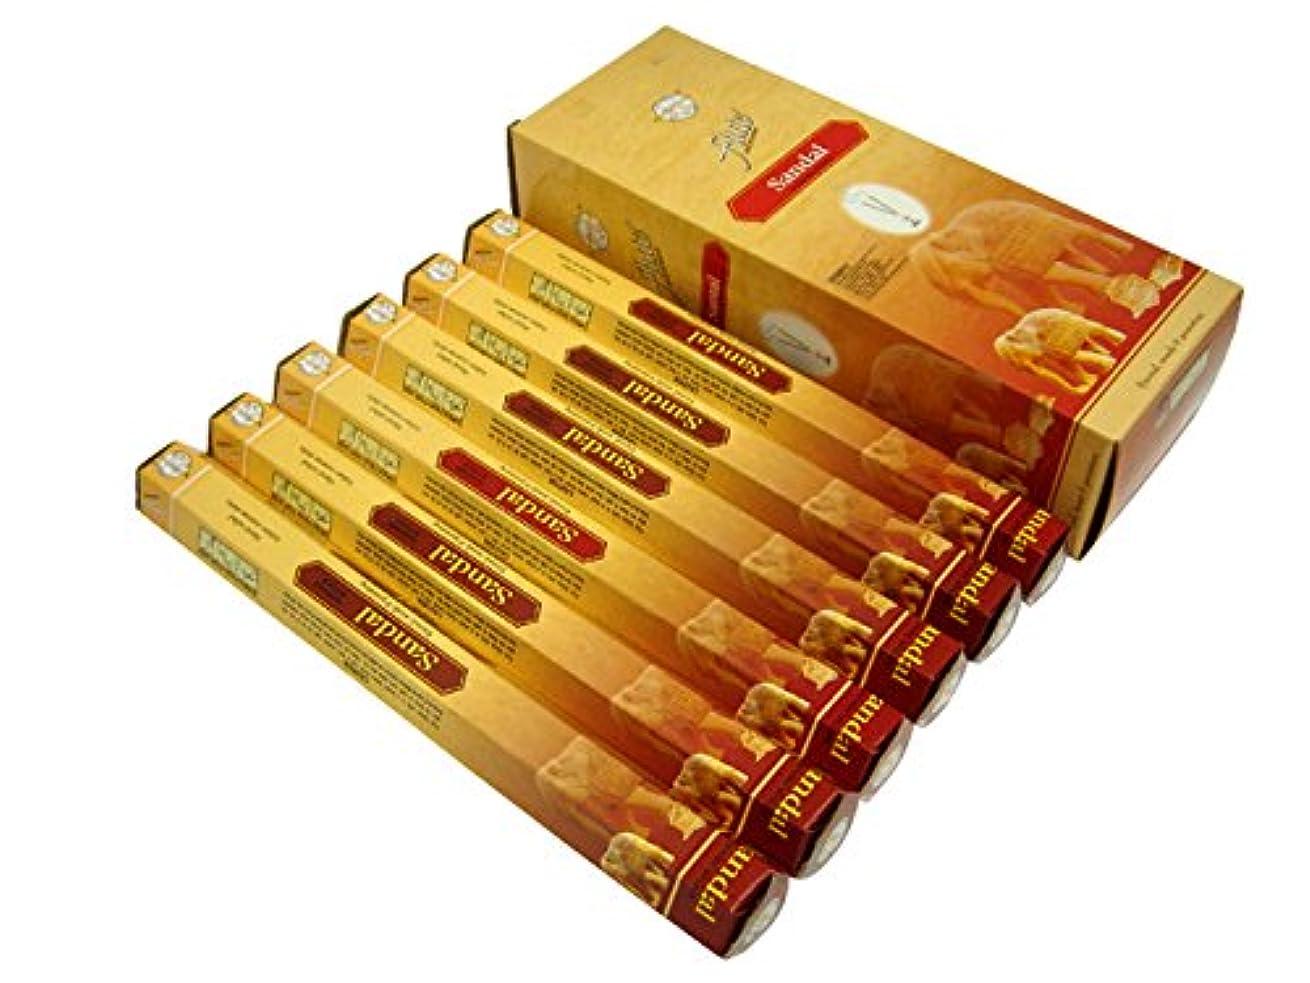 非常に魅惑的な時々時々FLUTE(フルート) サンダル香 スティック SANDAL 6箱セット